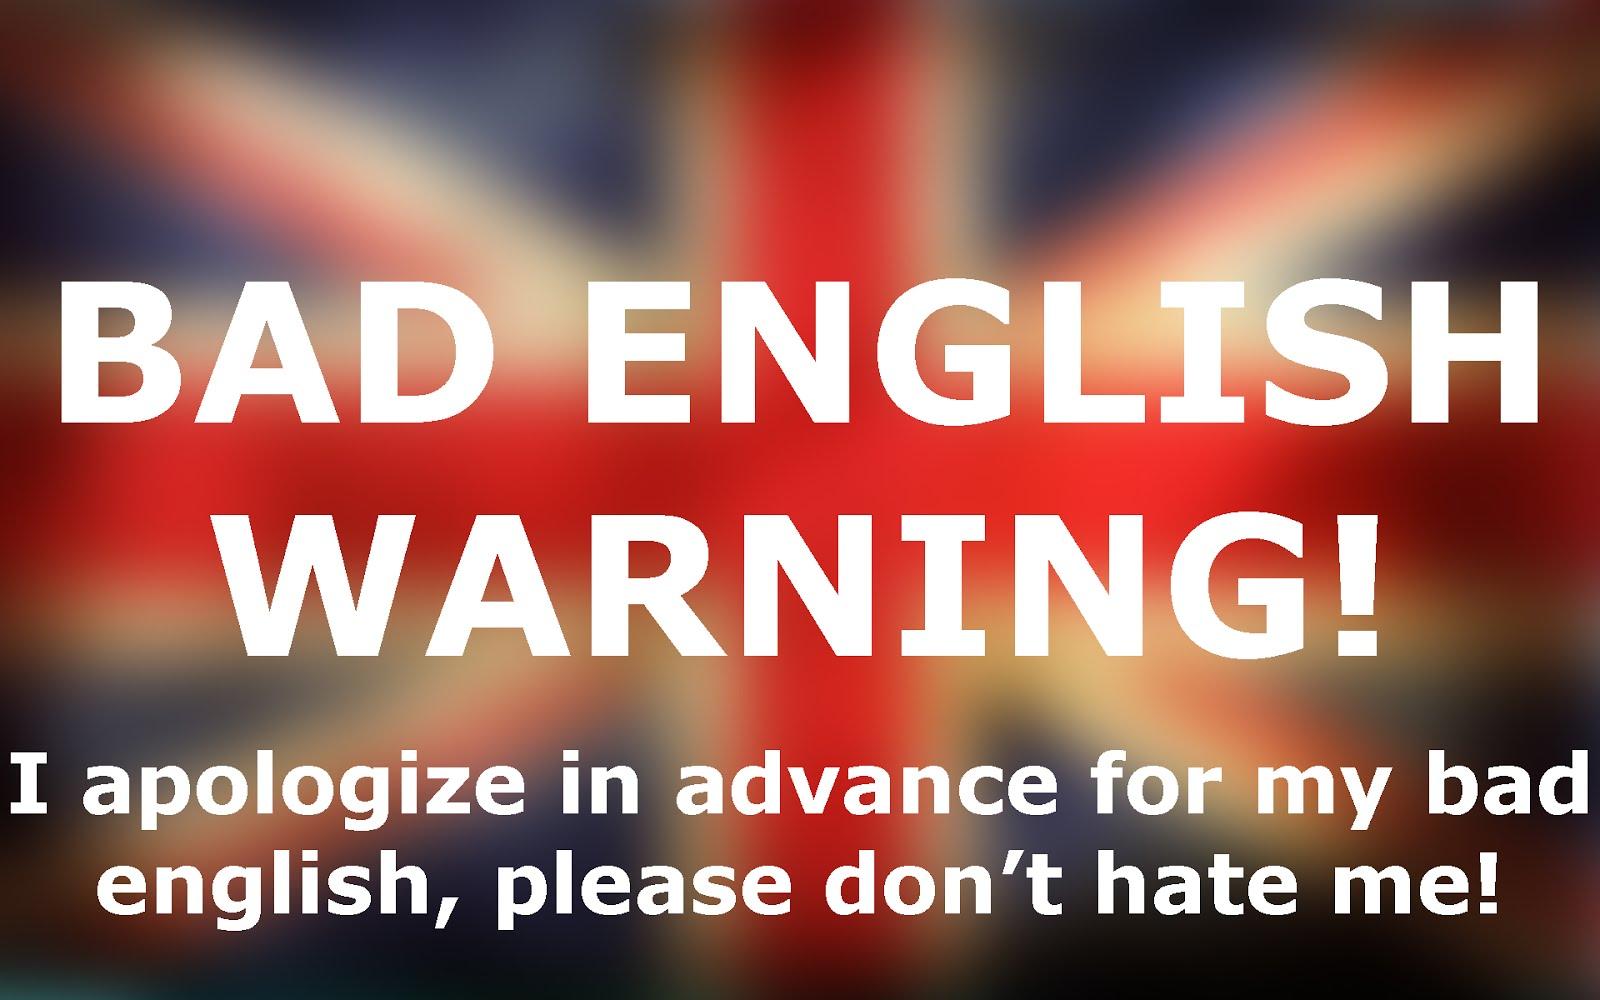 BAD ENGLISH WARNING